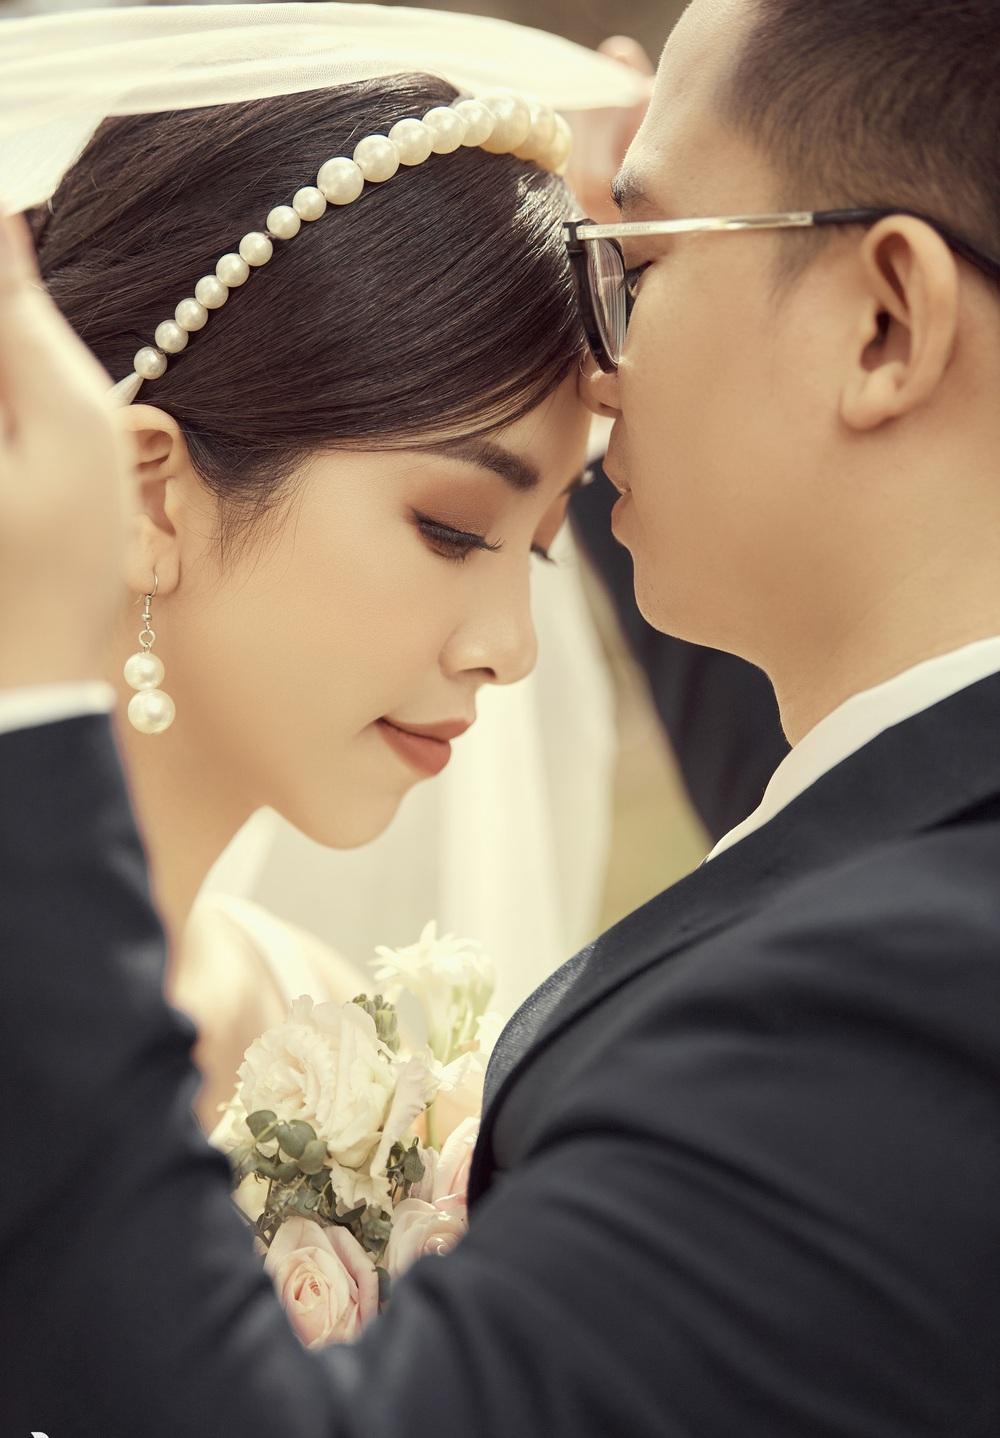 Ảnh cưới tại Đà Lạt ngọt hơn mật của Á hậu Thúy An - ảnh 8